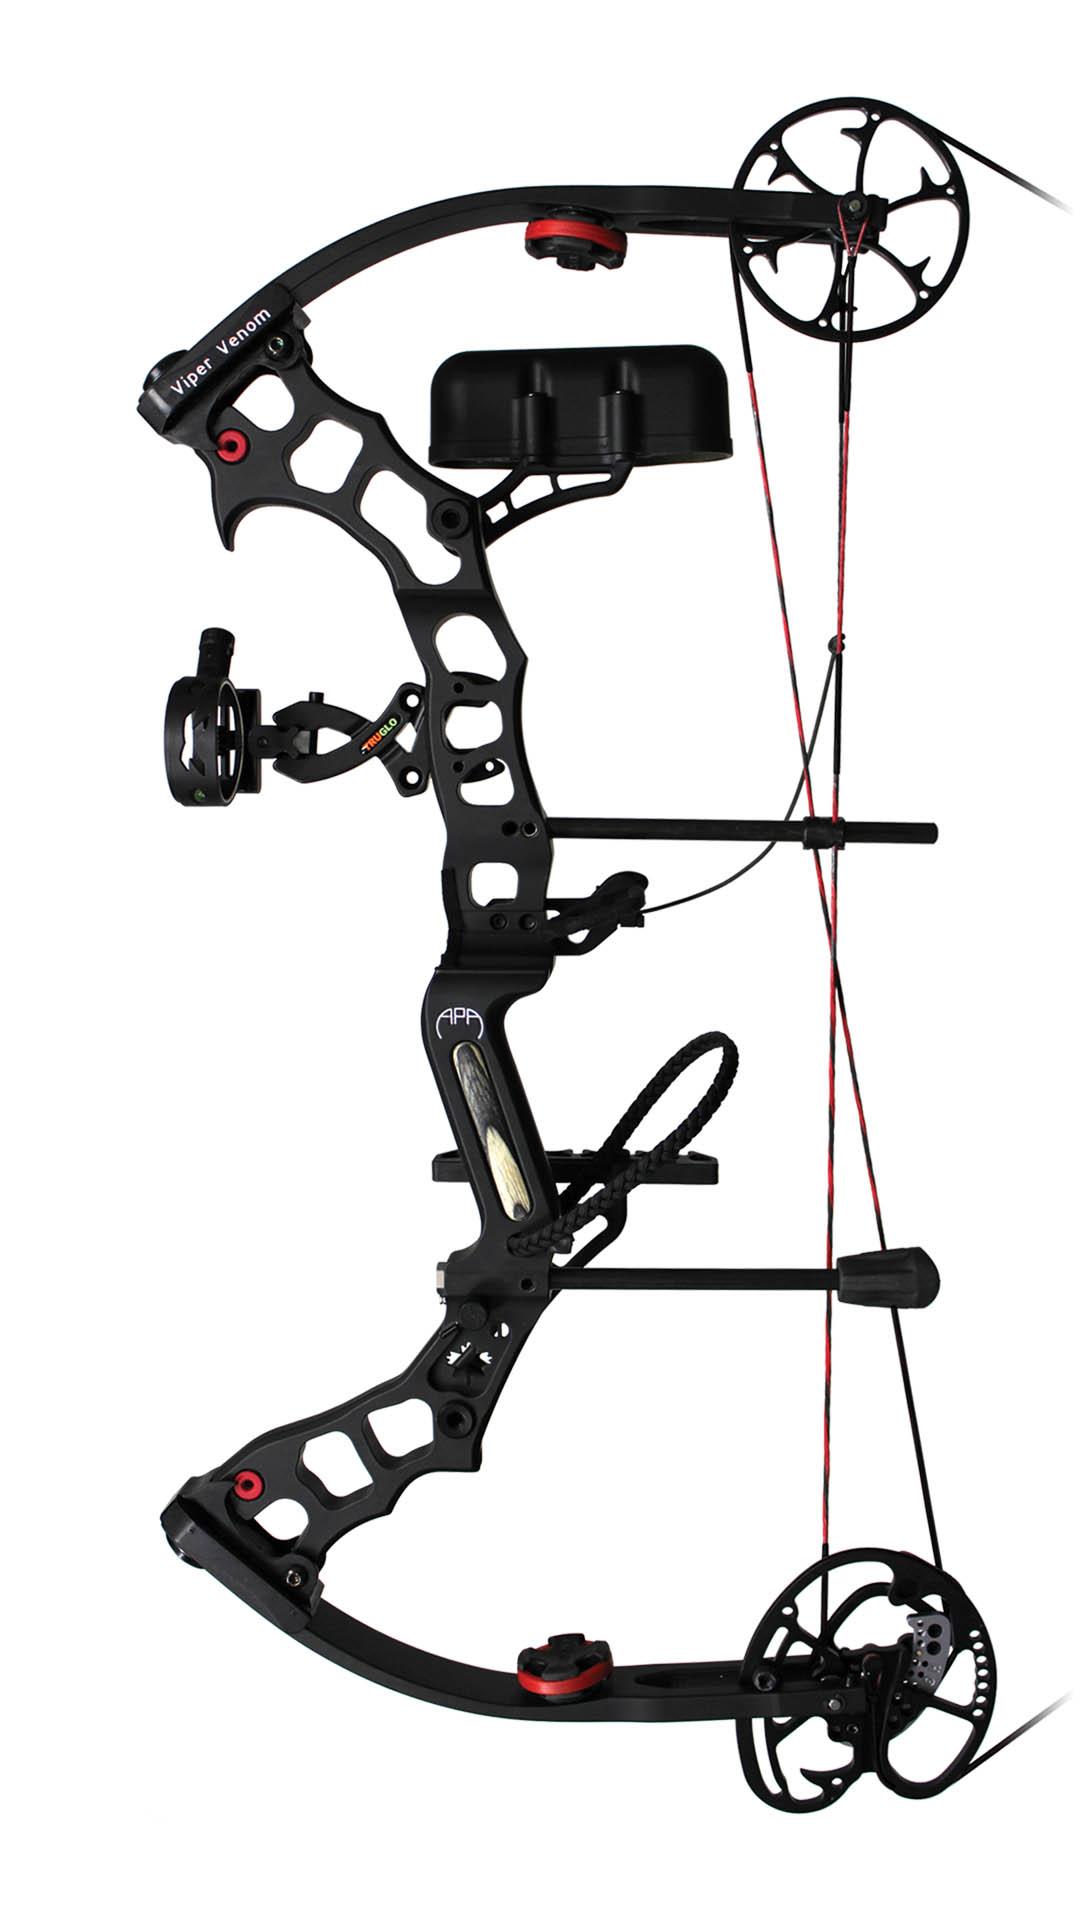 Bows Apa Archery